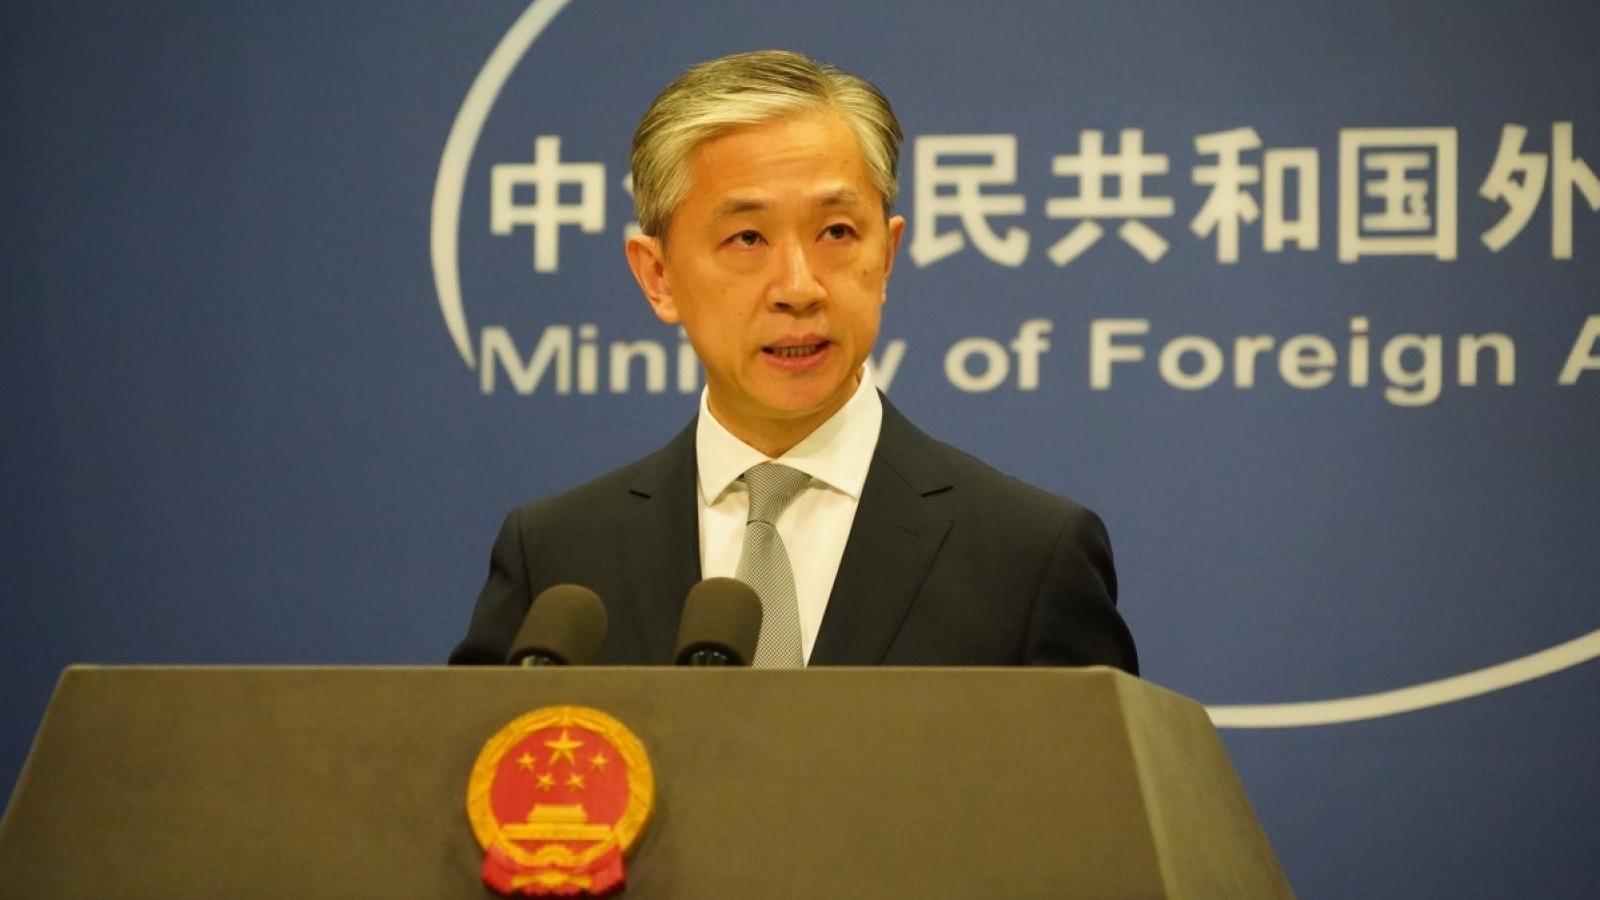 Trung Quốc: Mỹ cần làm nhiều hơn để duy trì hòa bình và an ninh trong không gian vũ trụ